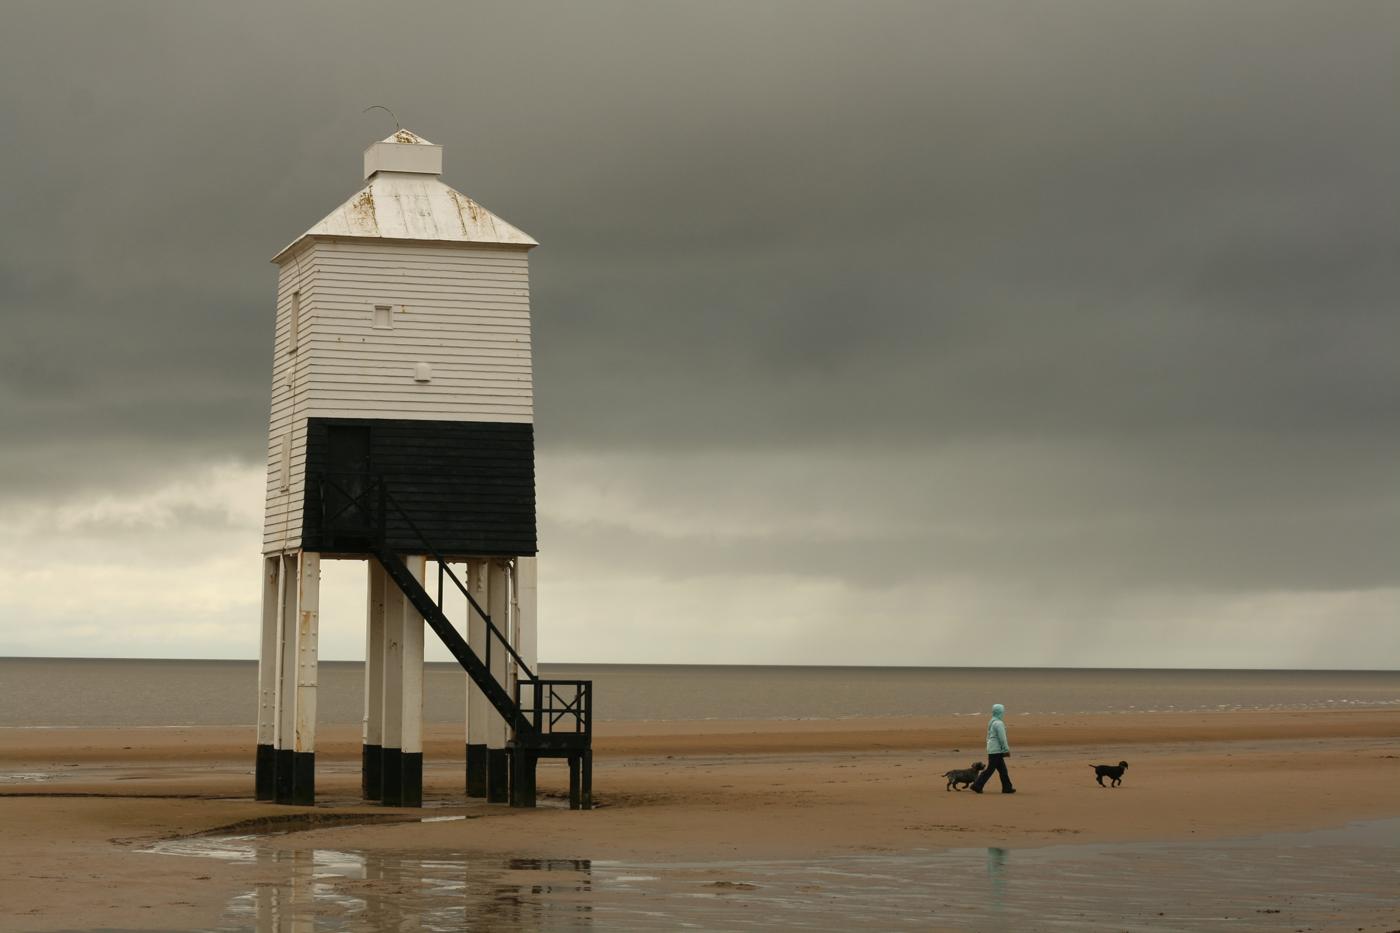 73_Burnham-On-Sea Lighthouse_Tony O'Reilly